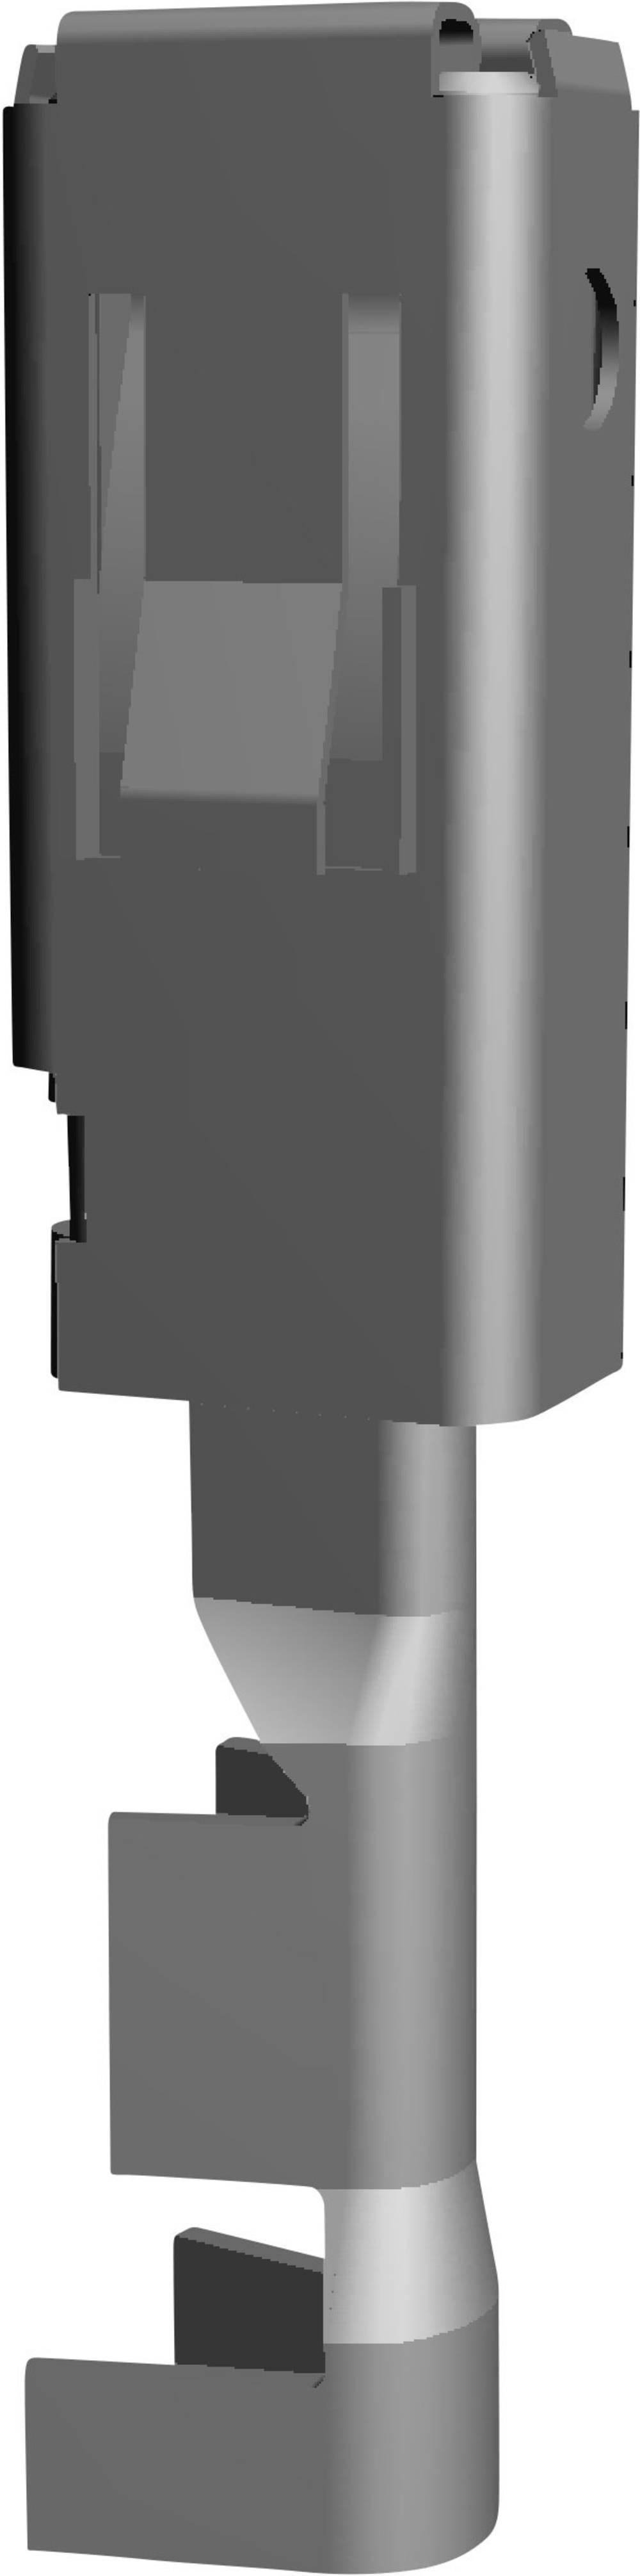 Crimpkontakter MCP Samlet antal poler 1 TE Connectivity 1-968872-1 1 stk